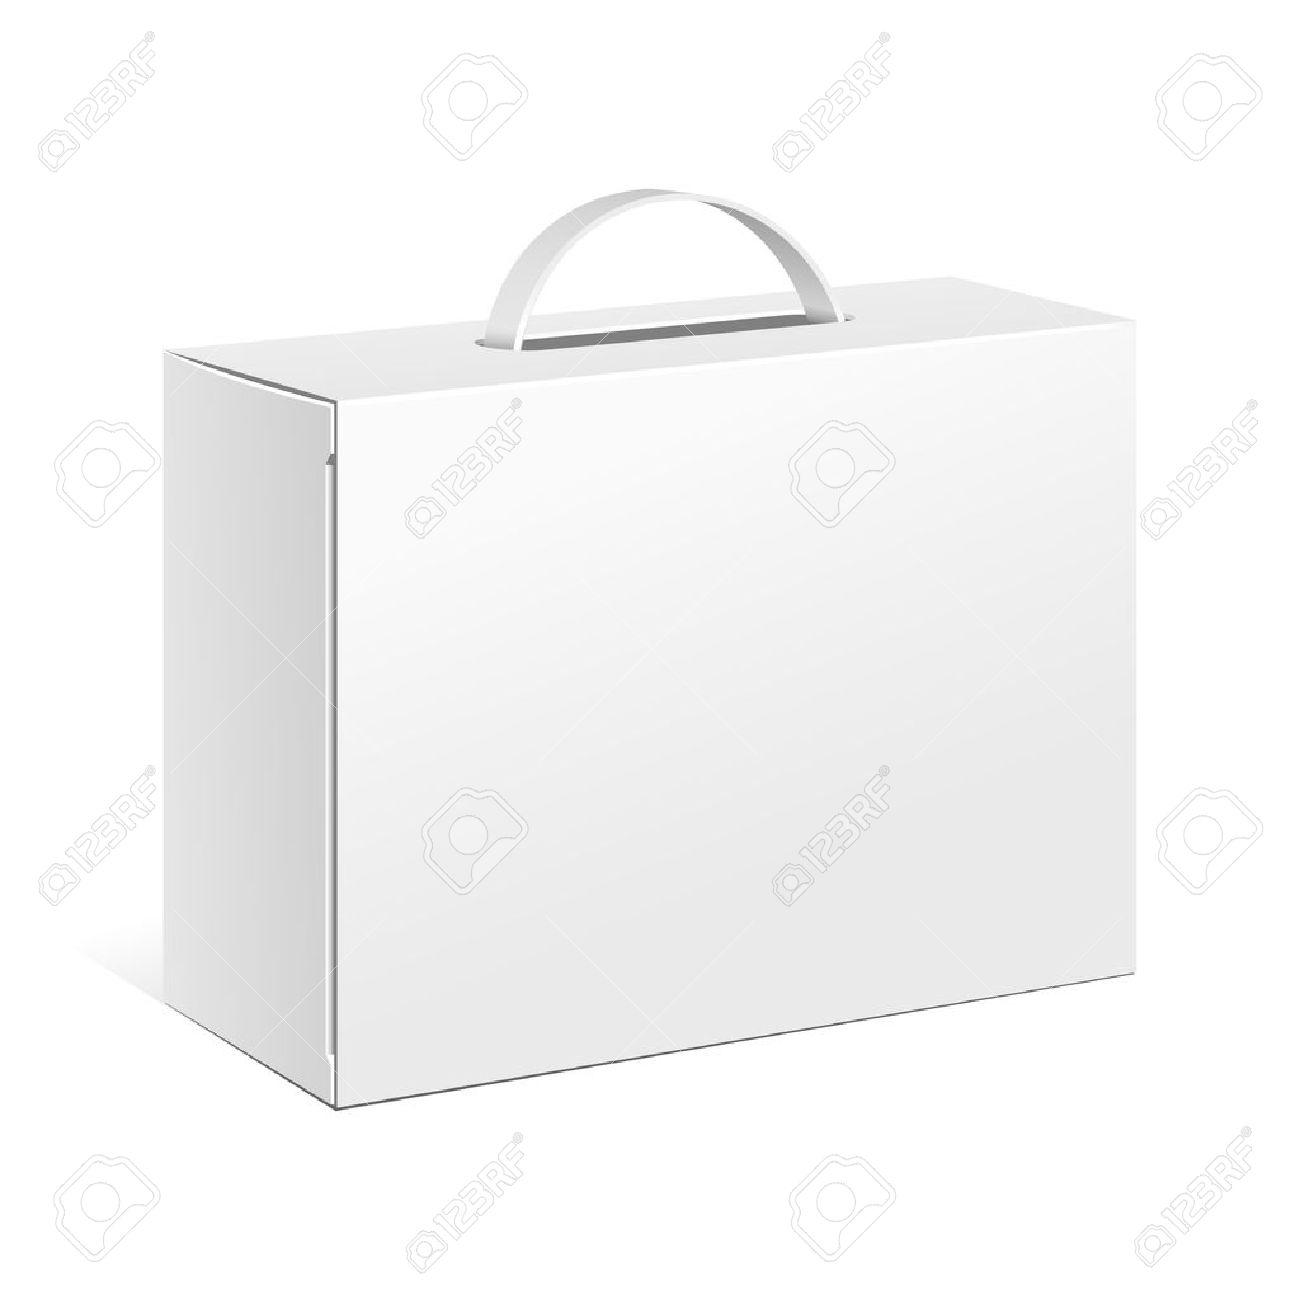 Carton Ou En Plastique Blanc Blank Boite D Emballage Avec La Poignee